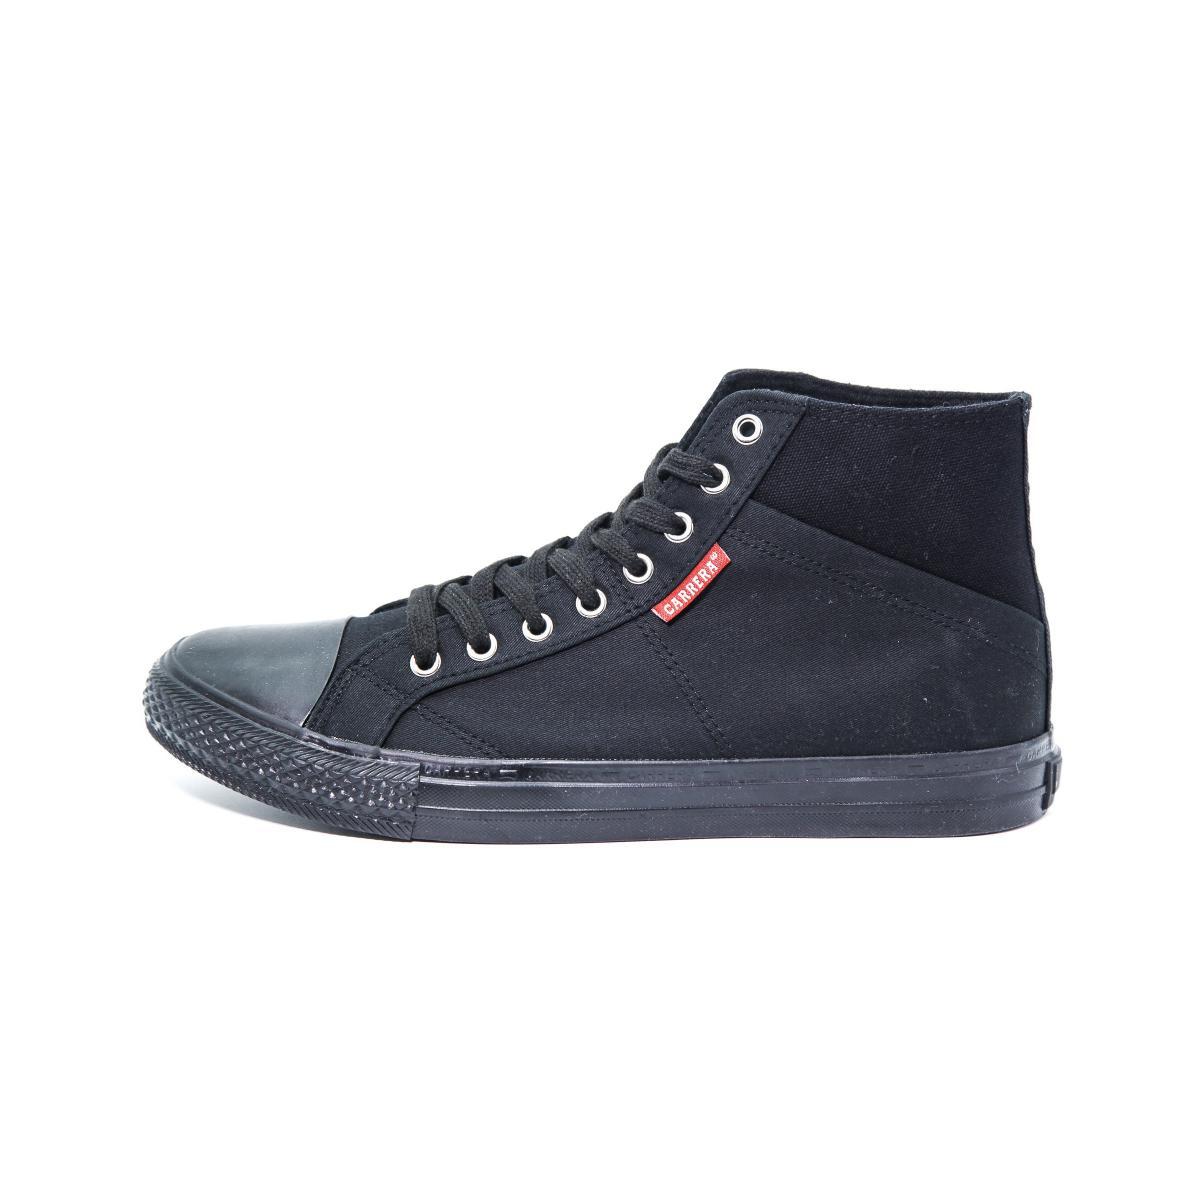 """Scarpe Sneakers """"Carrera"""" Alte Da Ginnastica in Tela Nera da Uomo"""